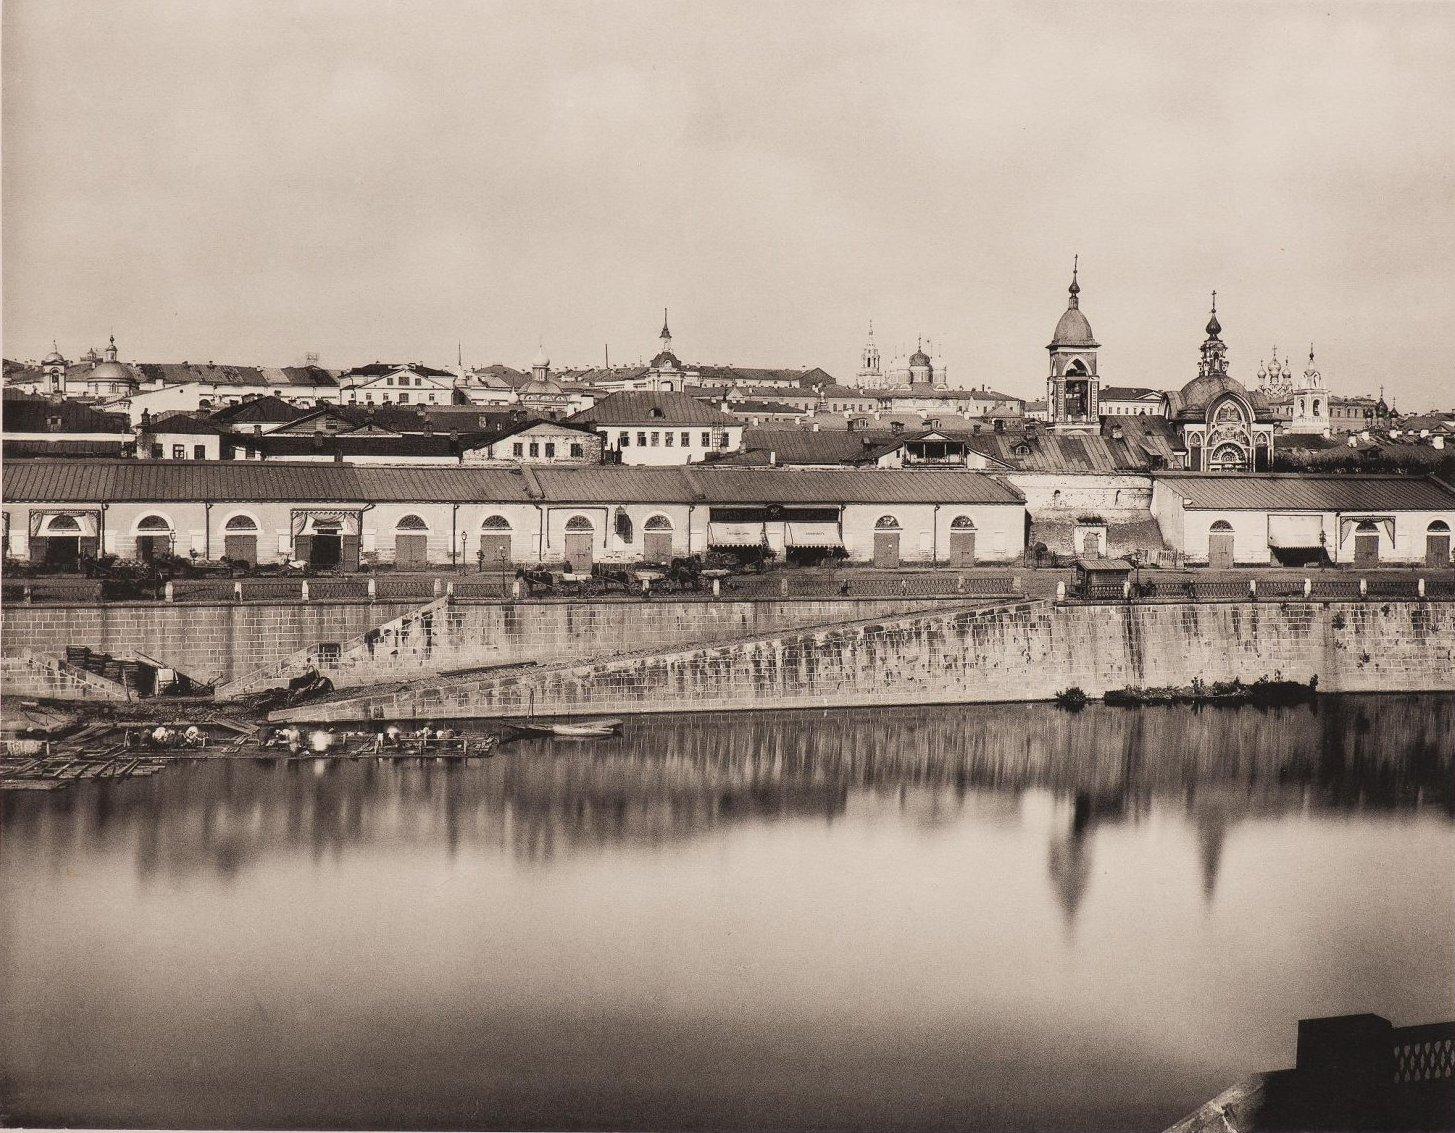 Вид на Китай город из Замоскворечья. Справа церковь Николы Чудотворца. 1884